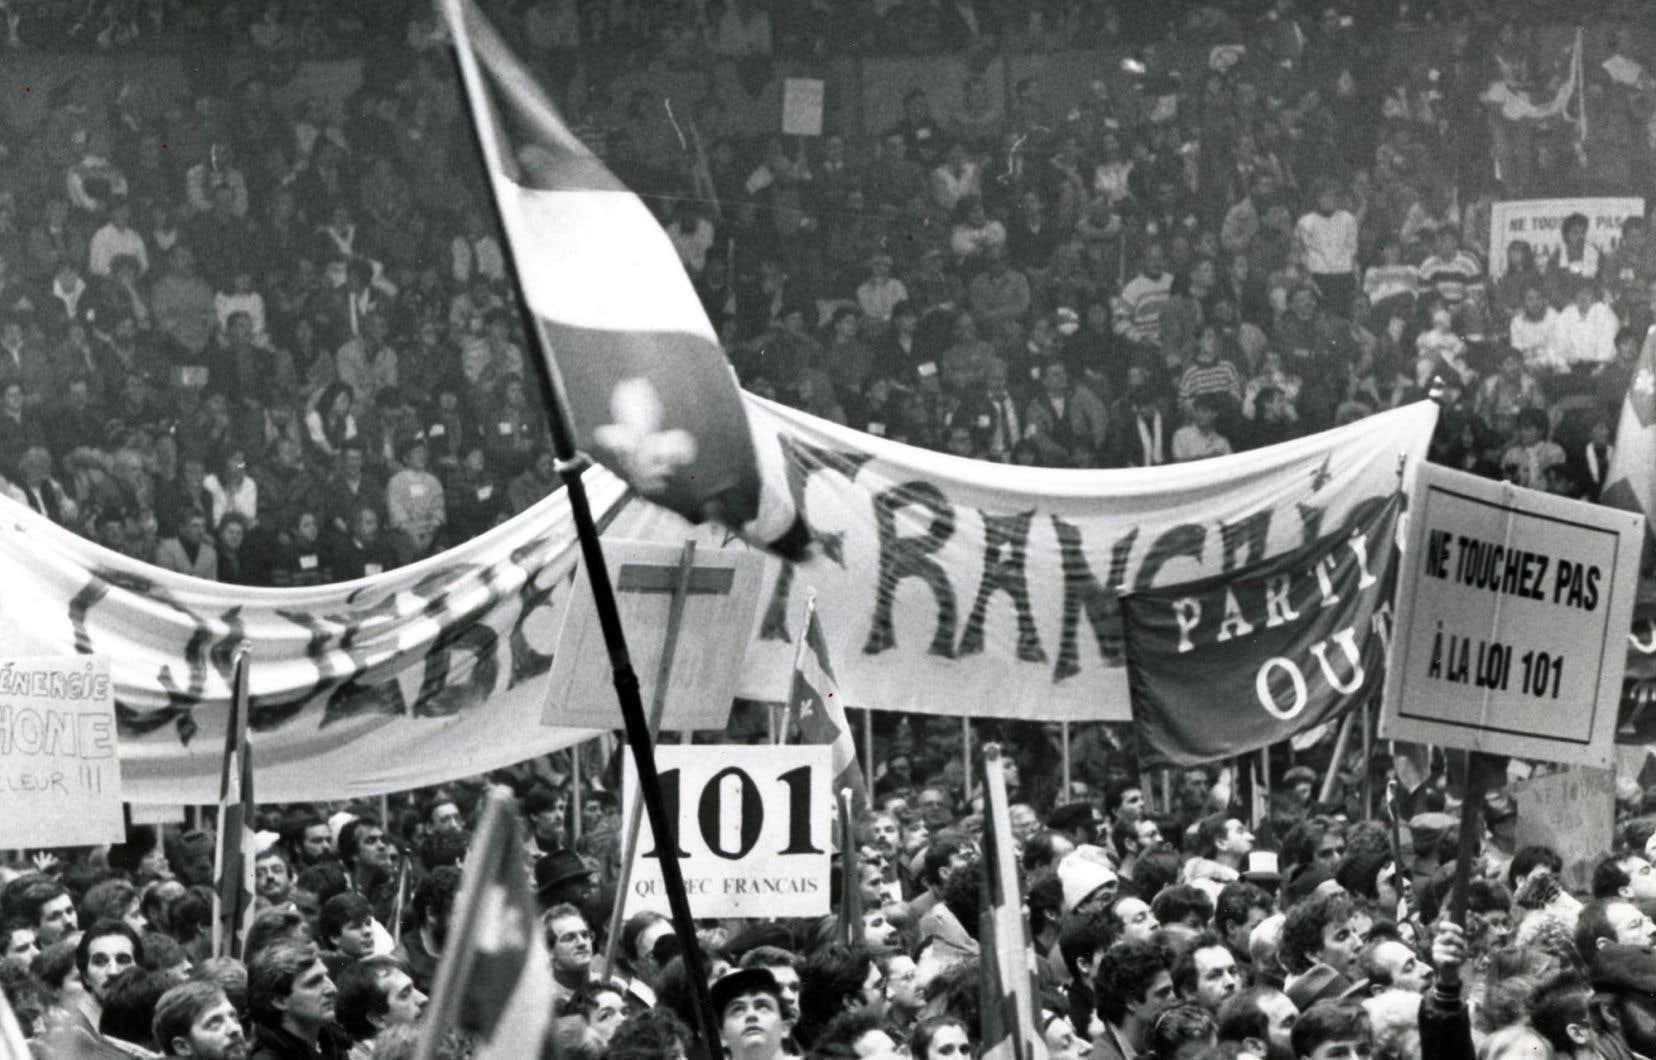 Touchez pas à la loi 101! Décembre1988, le Québec descend dans la rue pour protester contre des modifications à la Charte de la langue française.